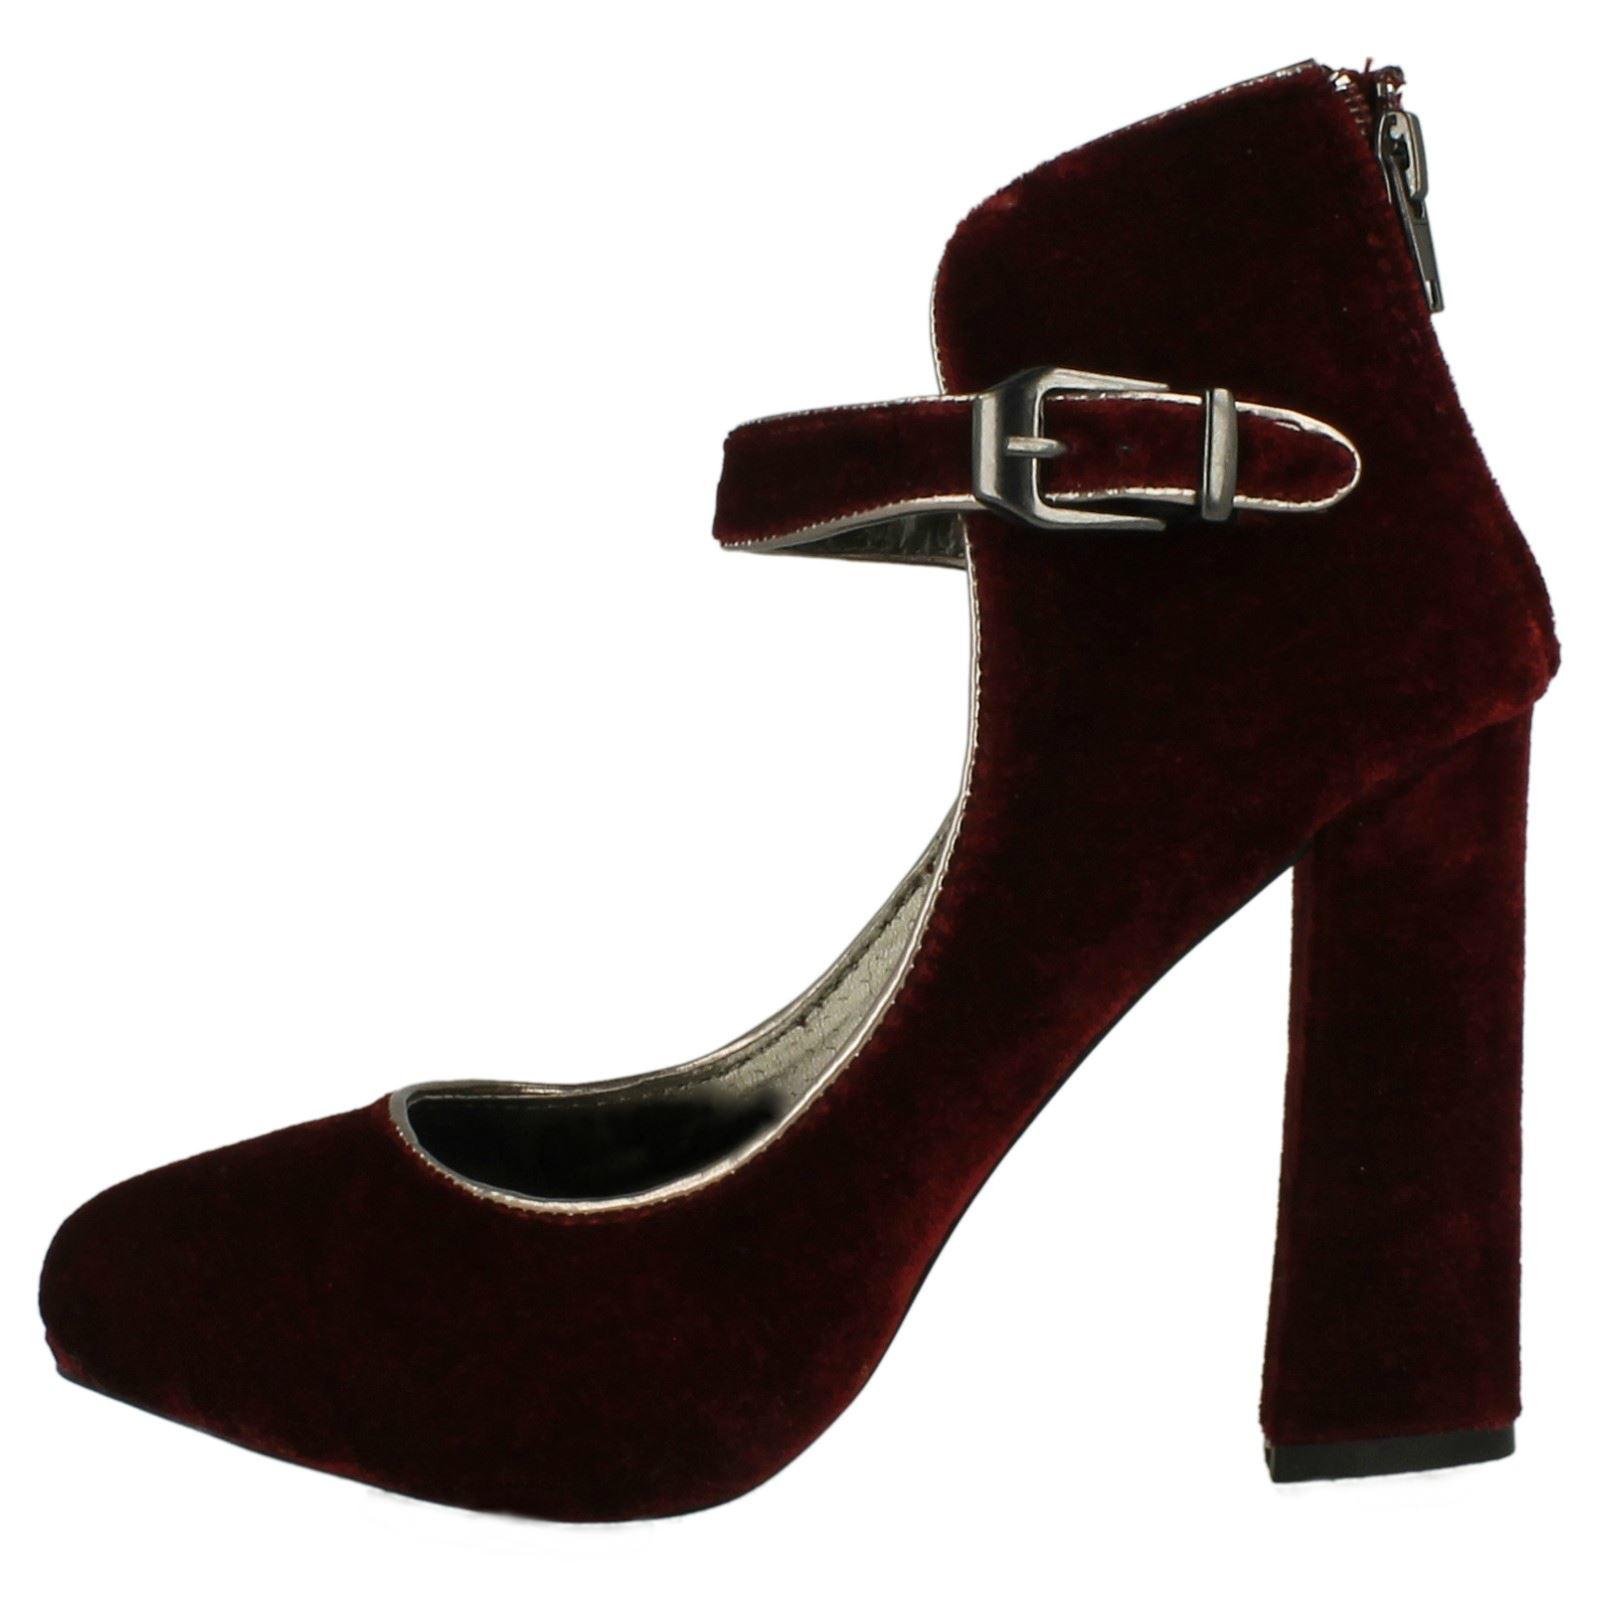 Ladies Anne Michelle Block Heel Shoes L2277